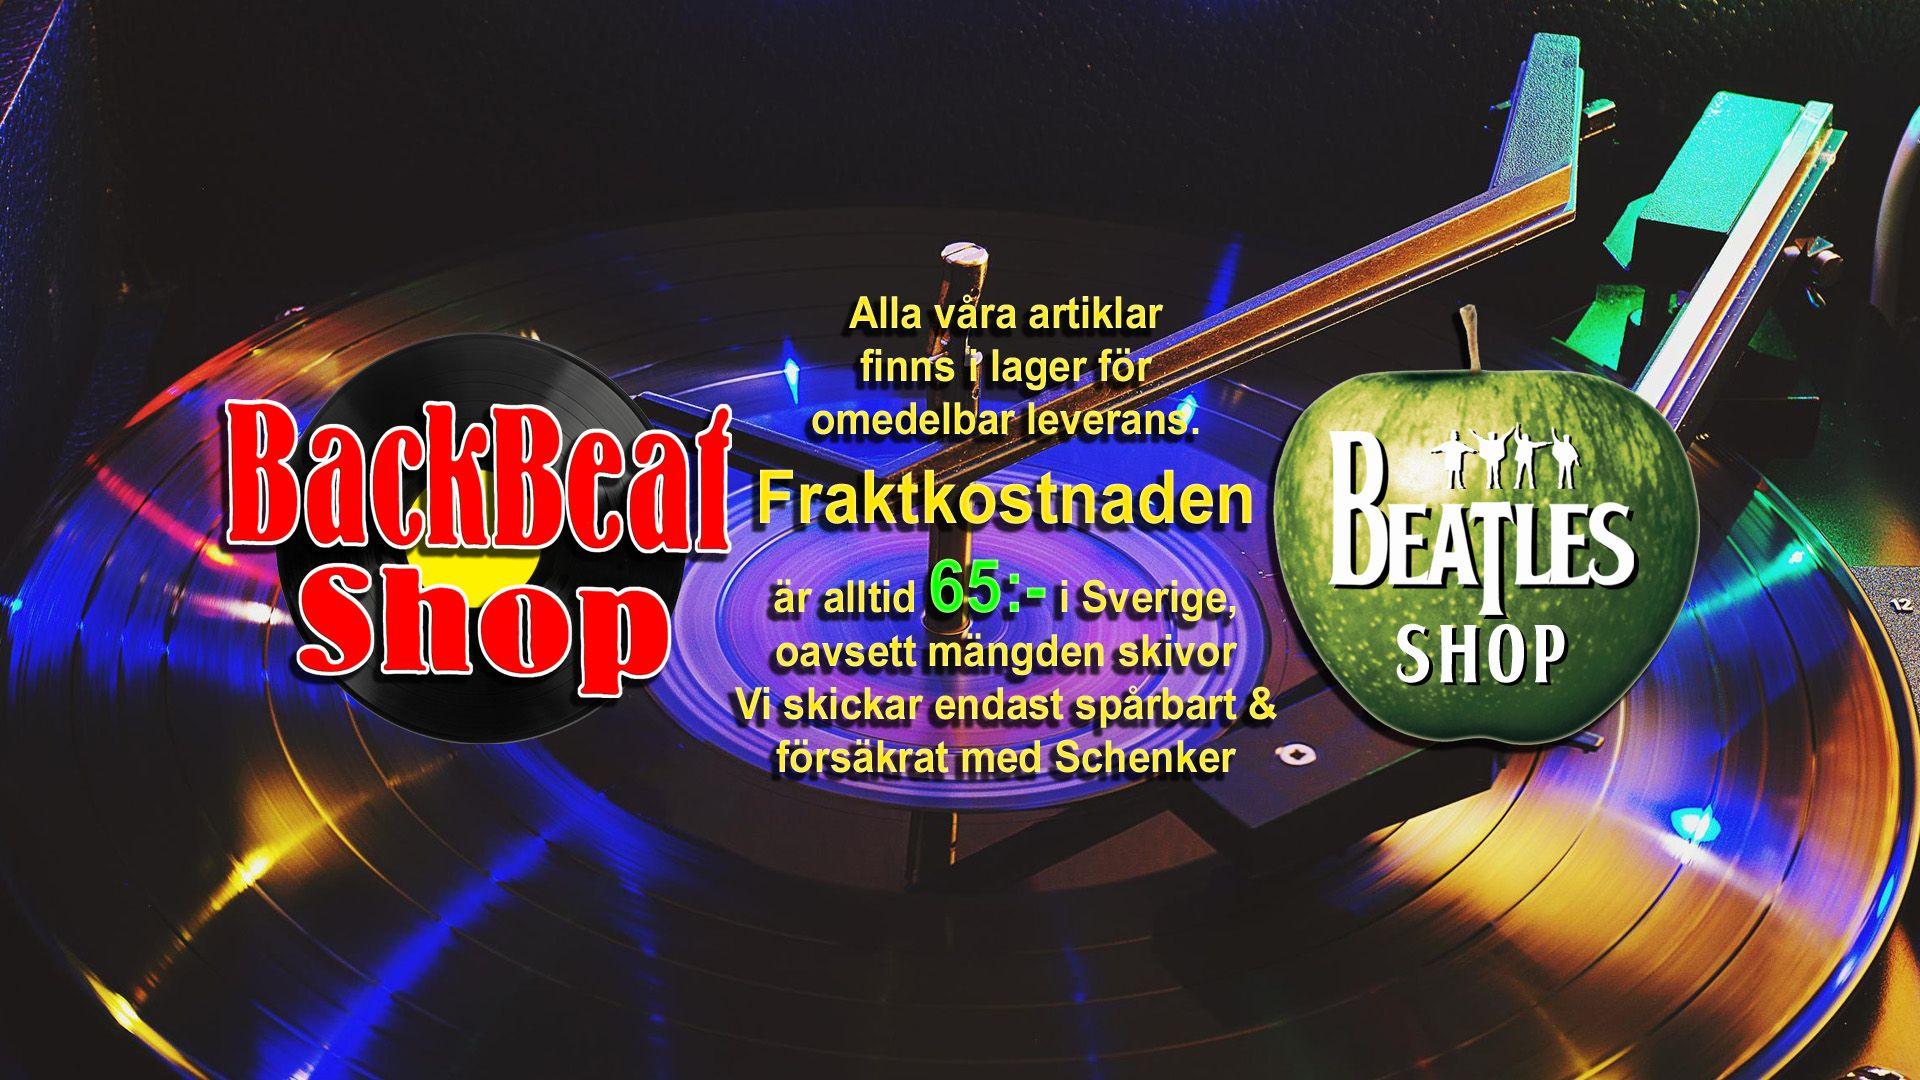 backbeat Omslagsbild